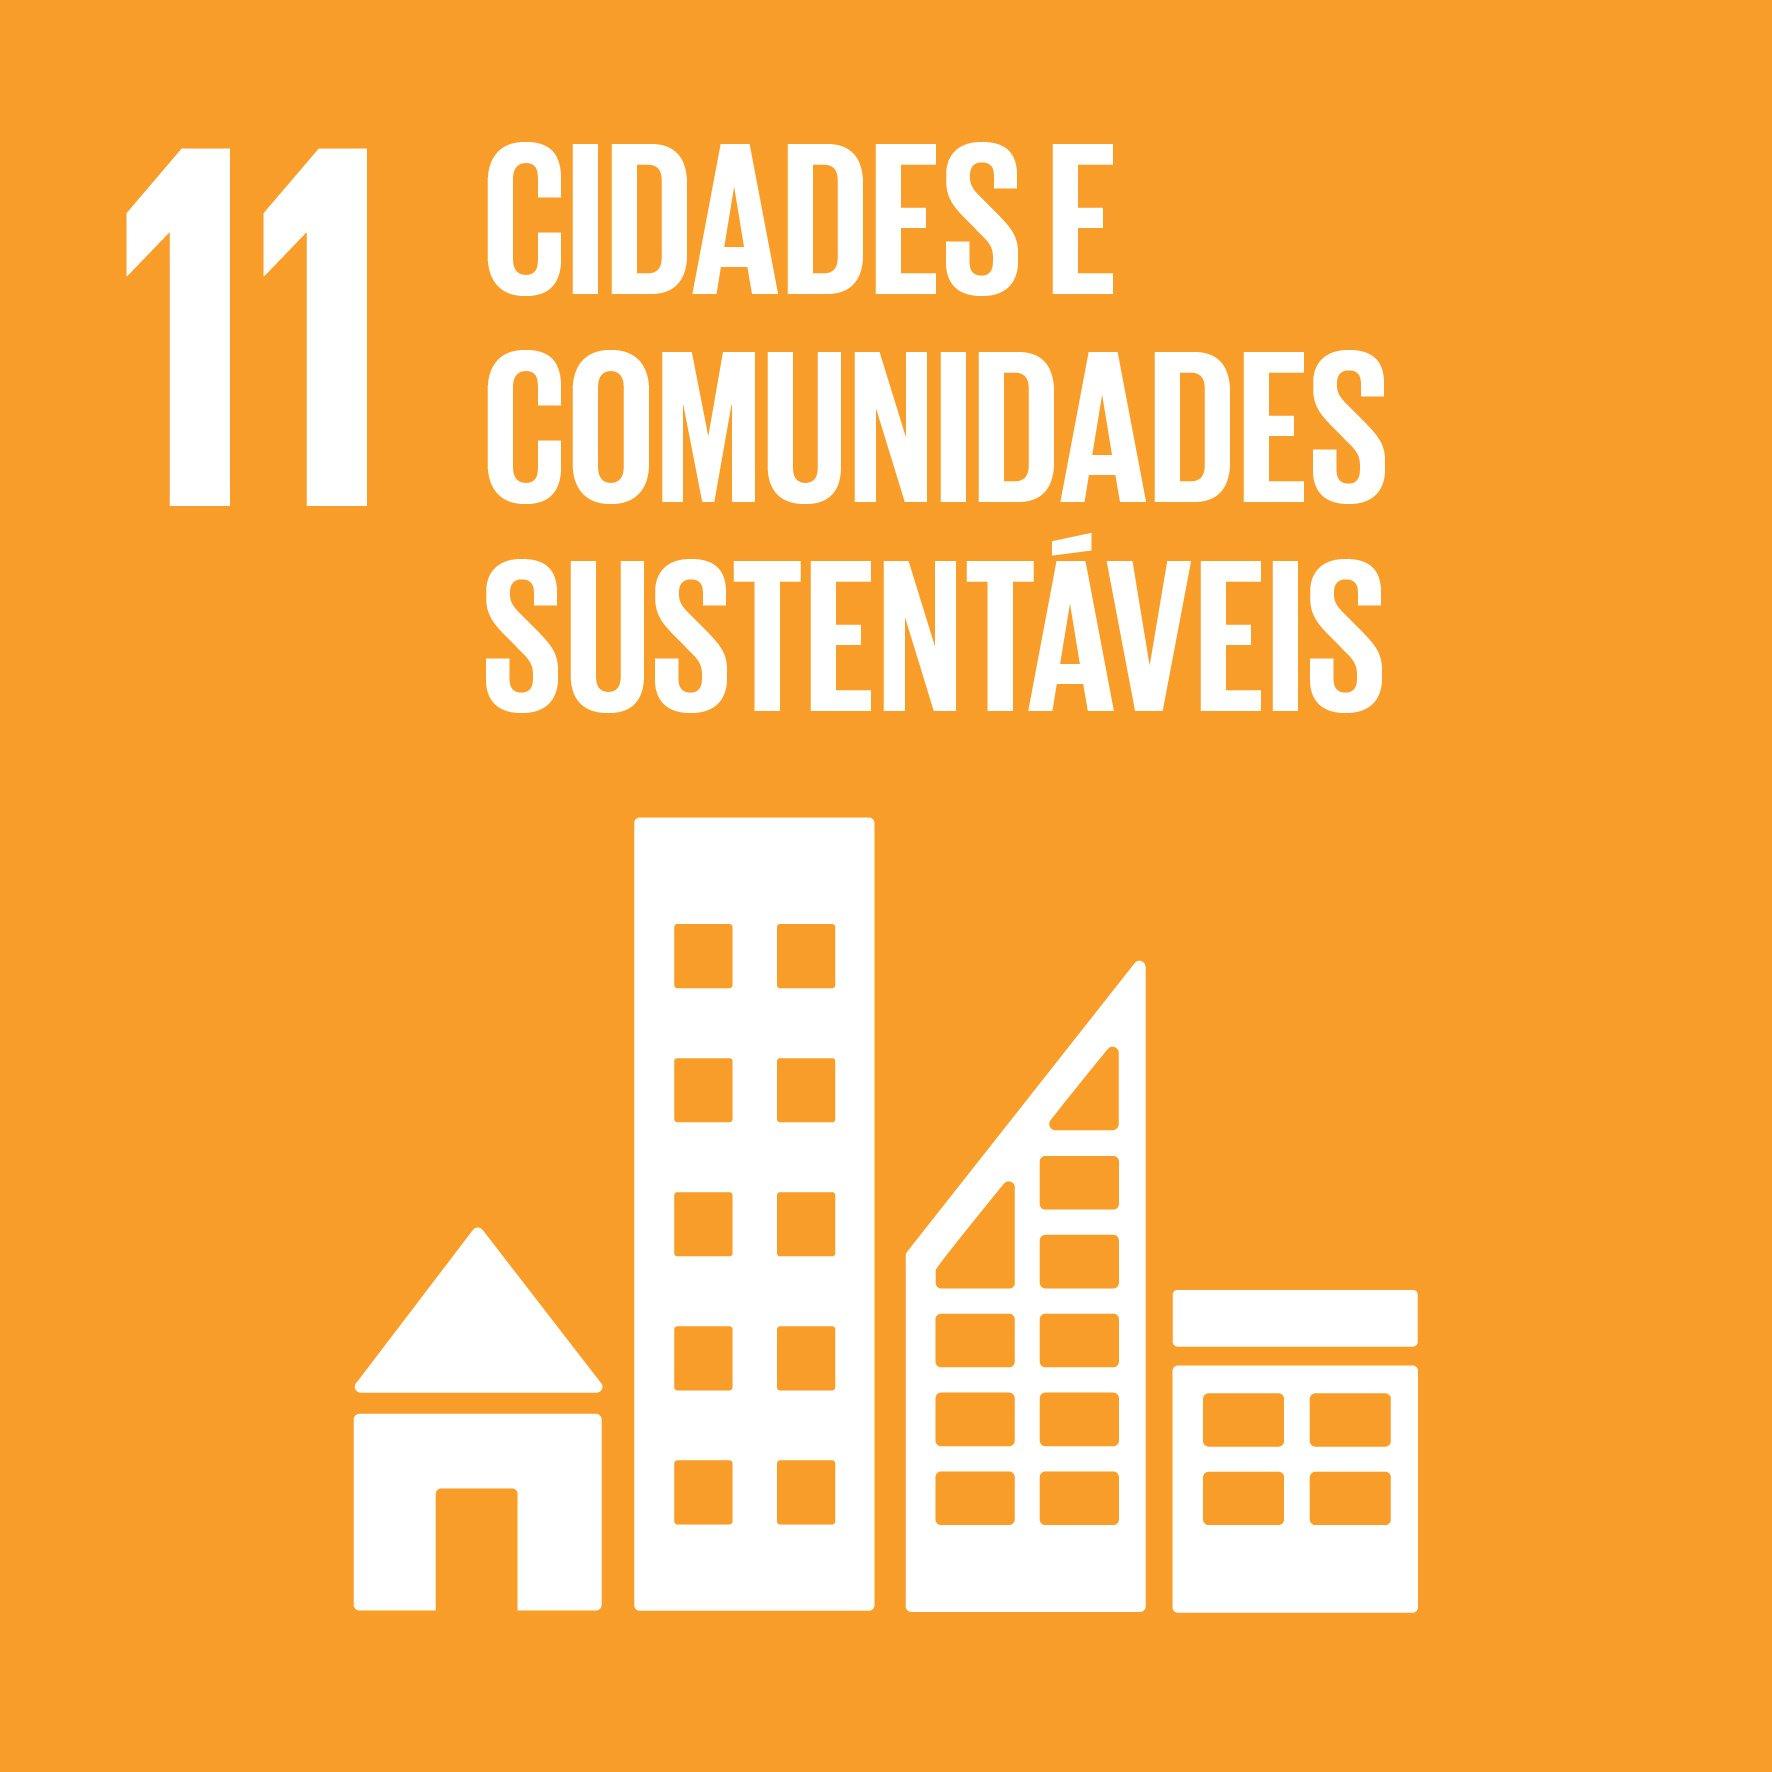 Cidades e comunidades sustentaveis